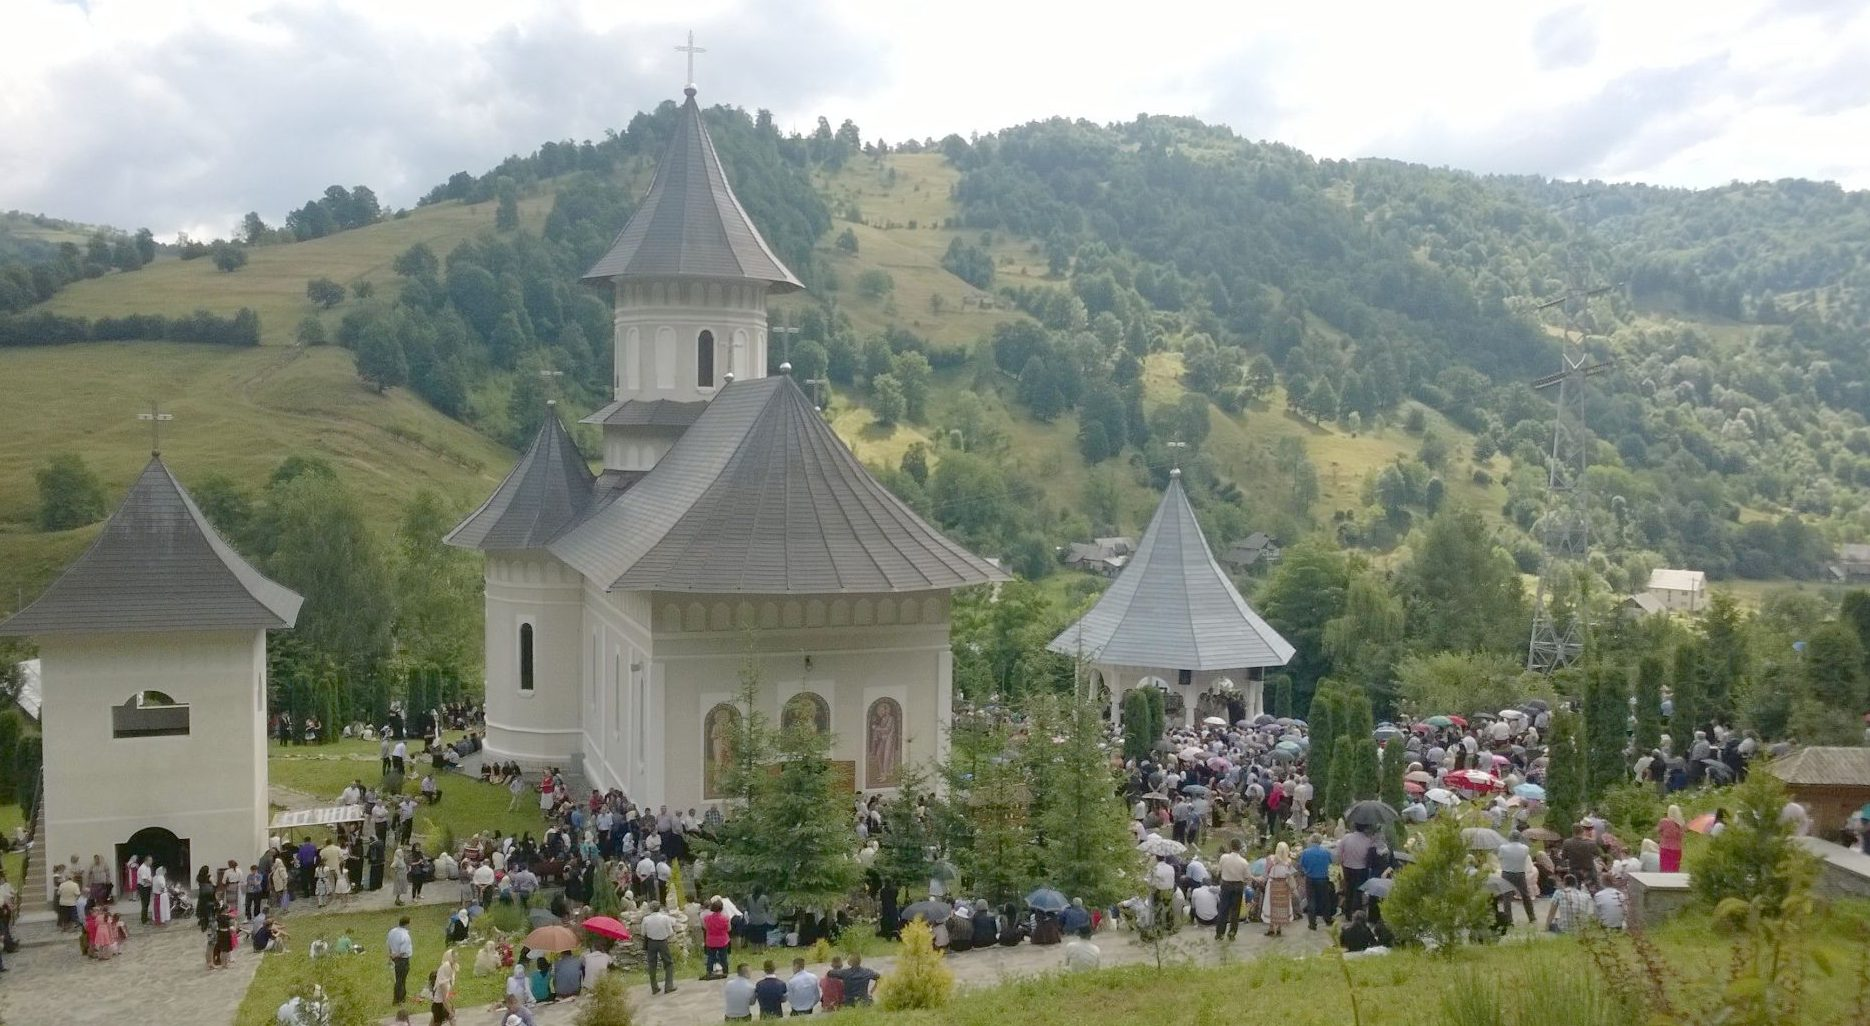 PELERINAJ la AIUD, NICULA, PARVA, manastirile din MOLDOVA si BUCOVINA, cu ocazia Praznicului Adormirii Maicii Domnului: 10-15 august 2018